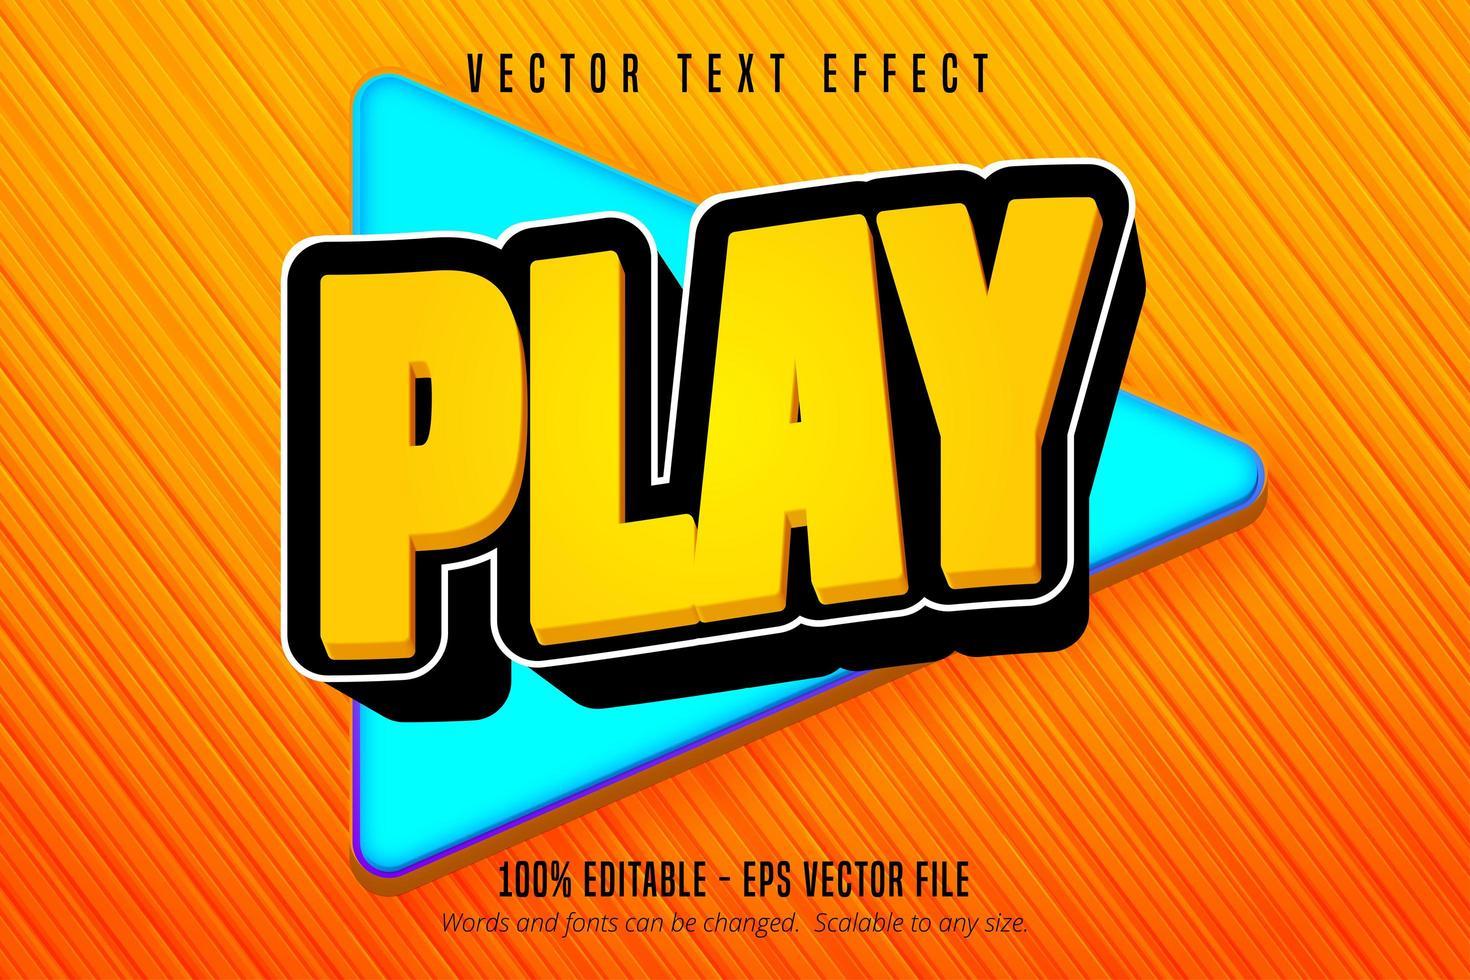 riprodurre testo, effetto di testo modificabile in stile gioco dei cartoni animati vettore